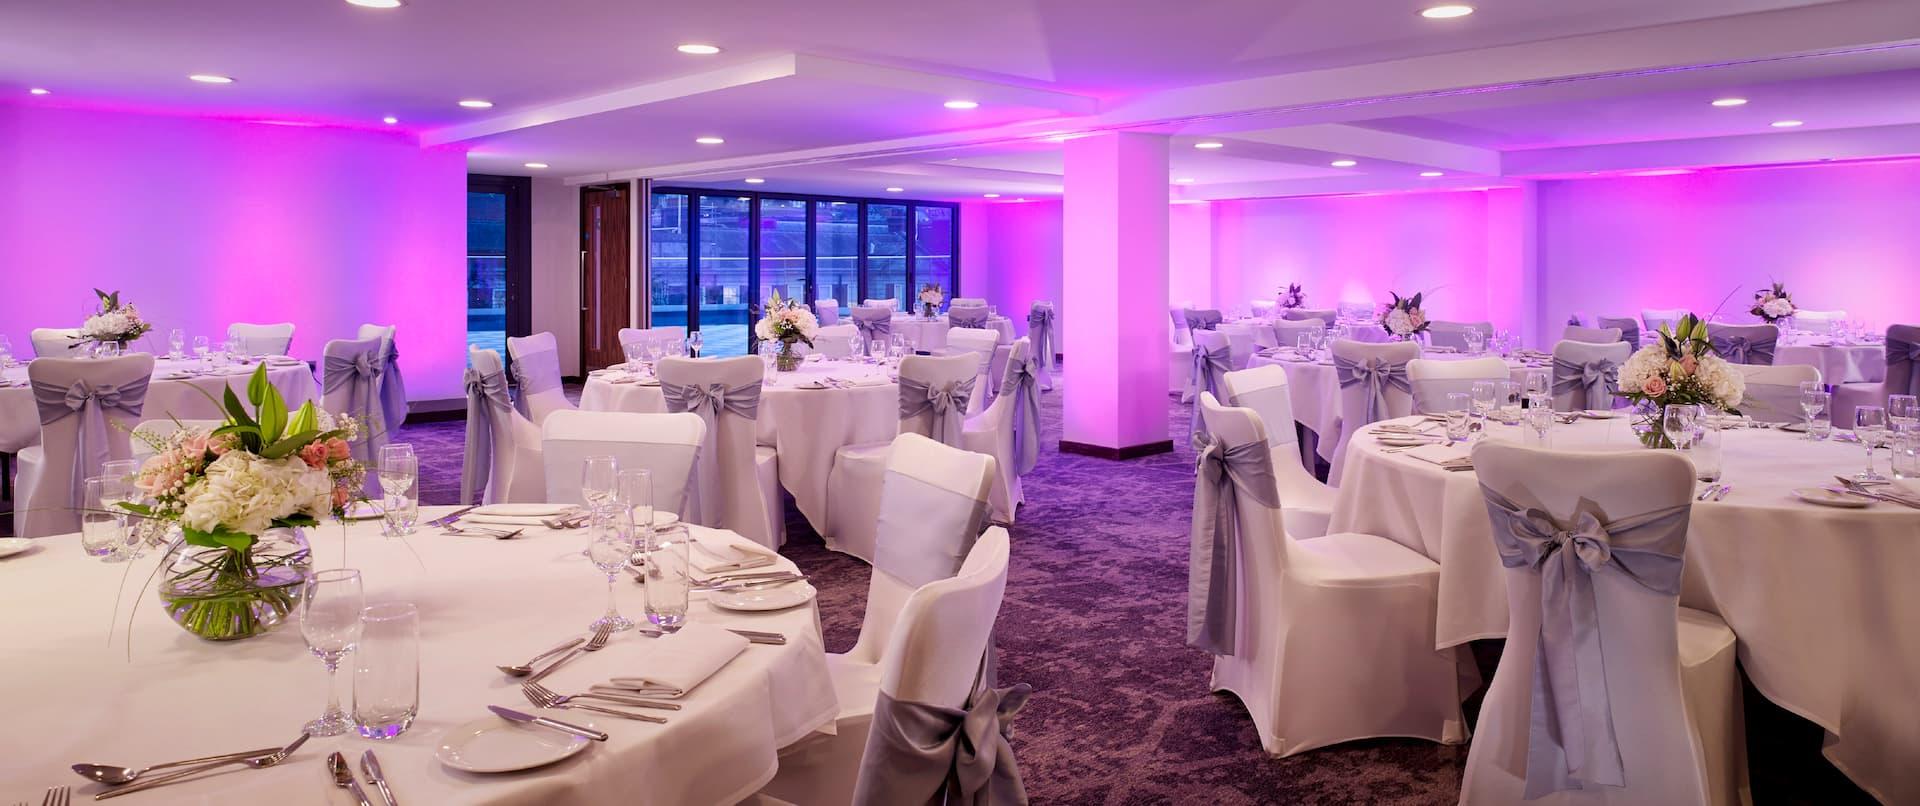 Aspen suite setup for a banquet